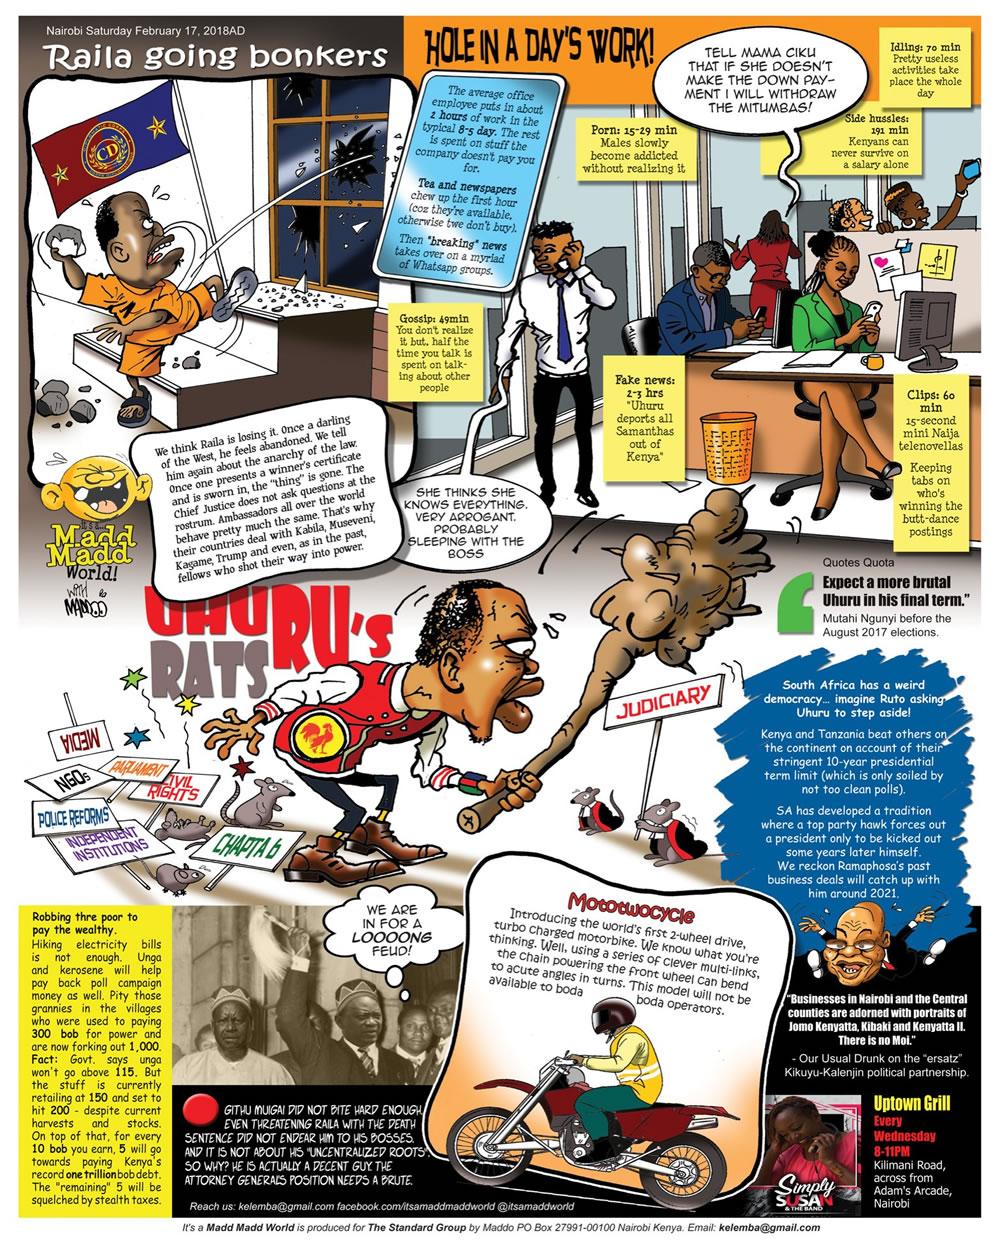 Kenya's Kings